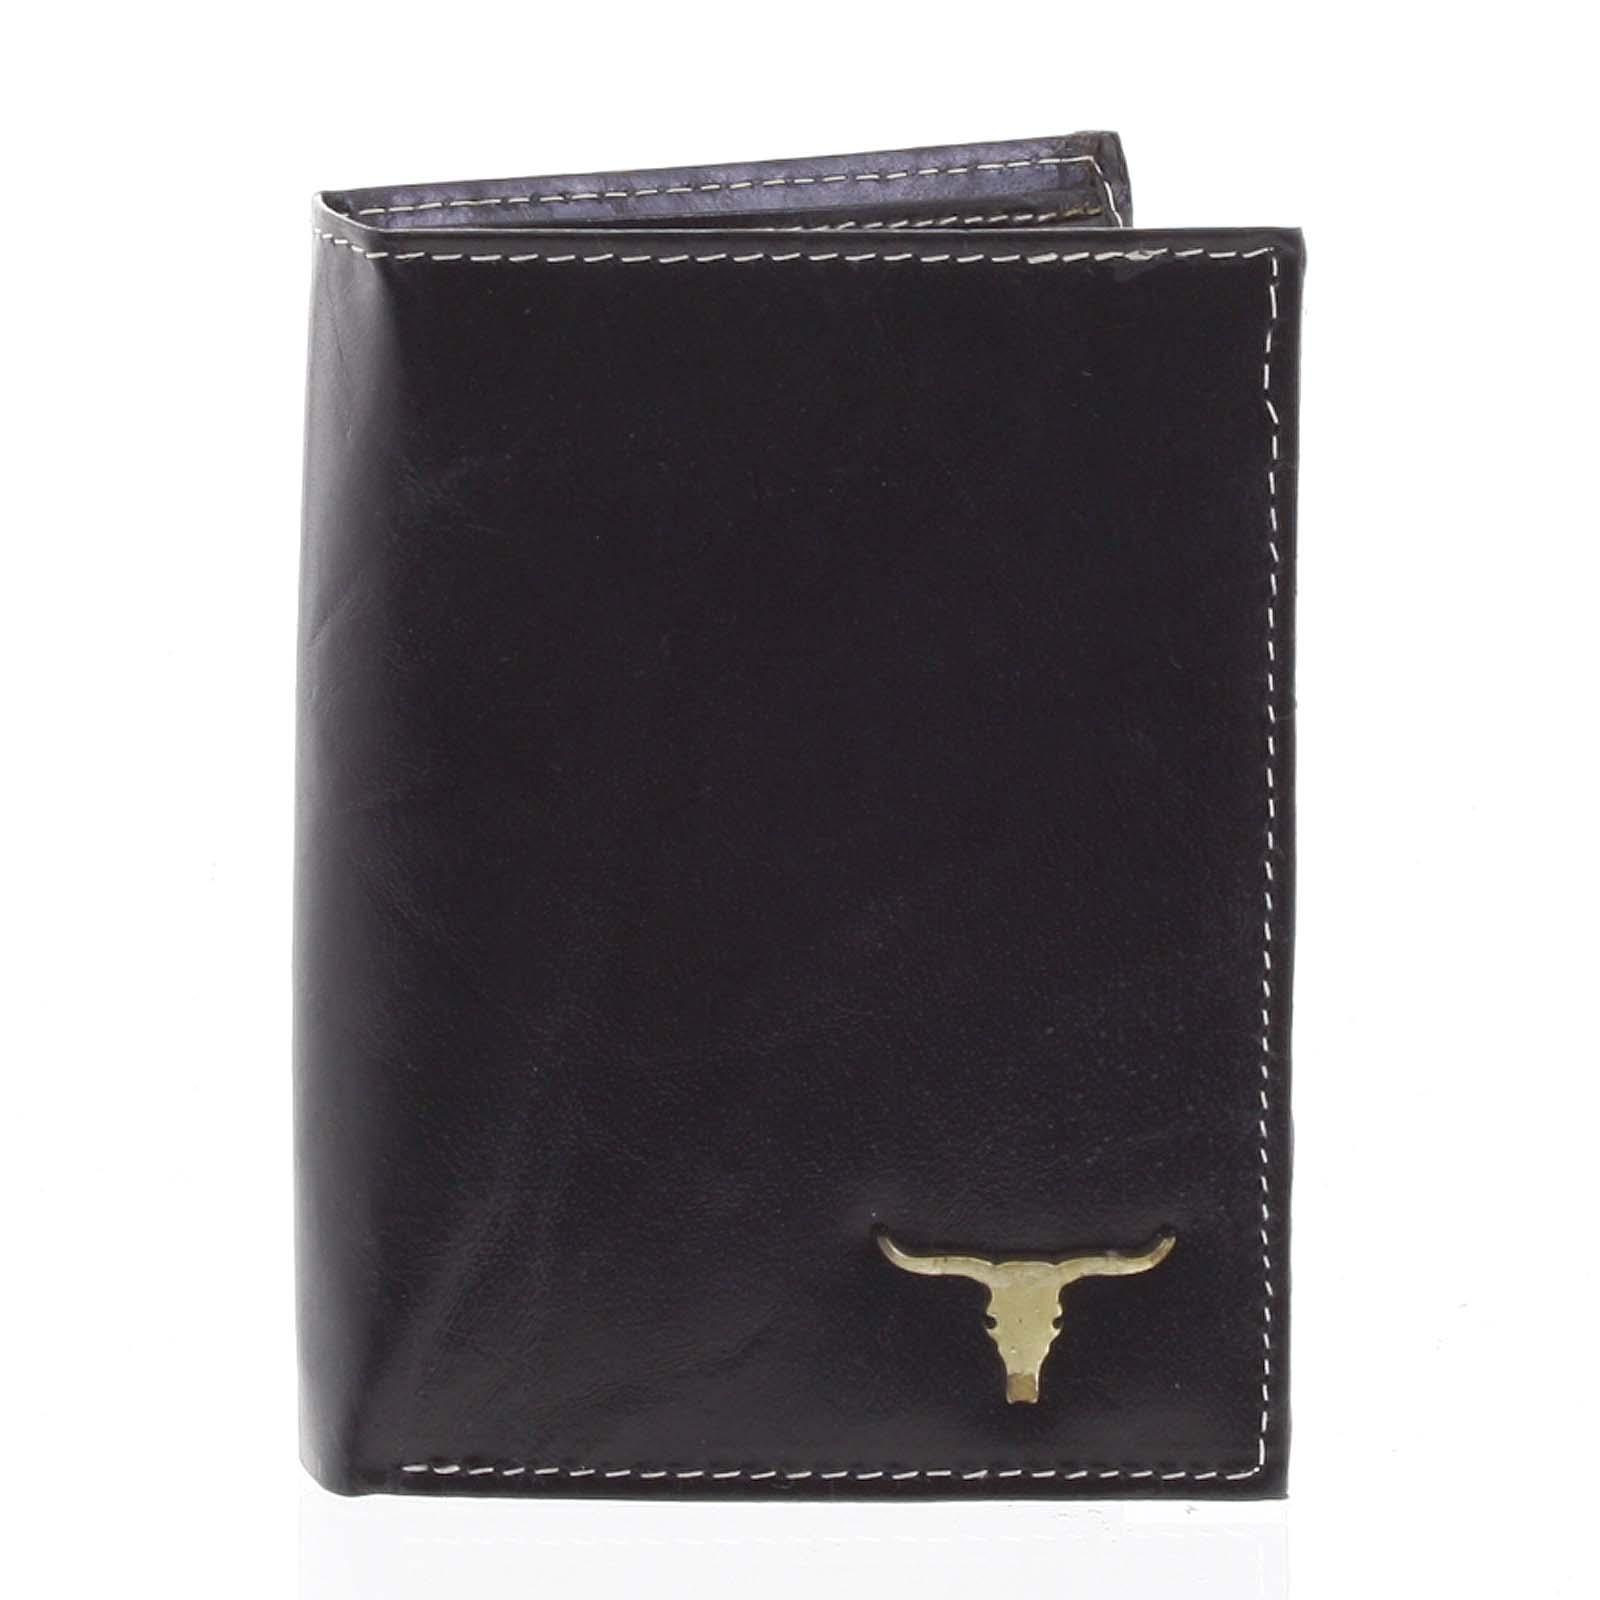 Pánska kožená peňaženka čierna - BUFFALO Dura